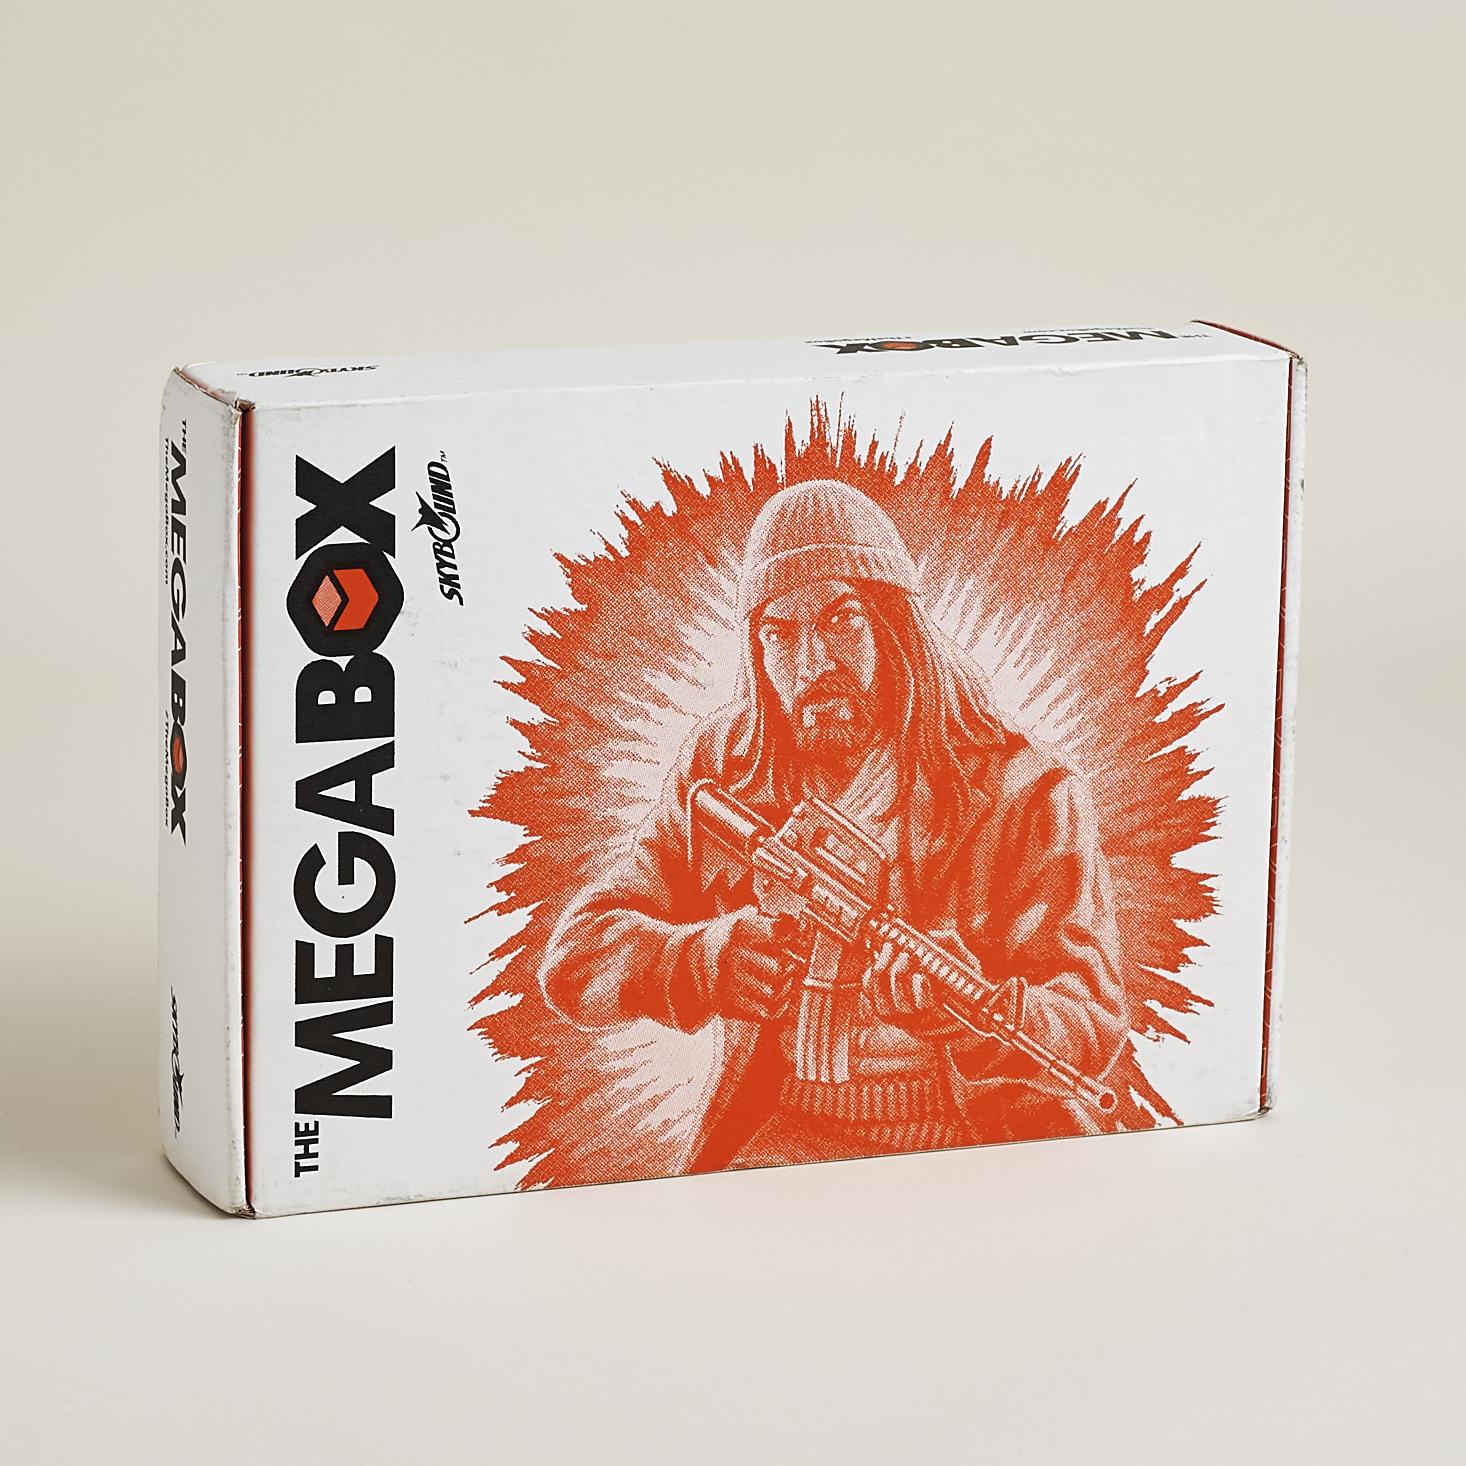 Skybound Megabox